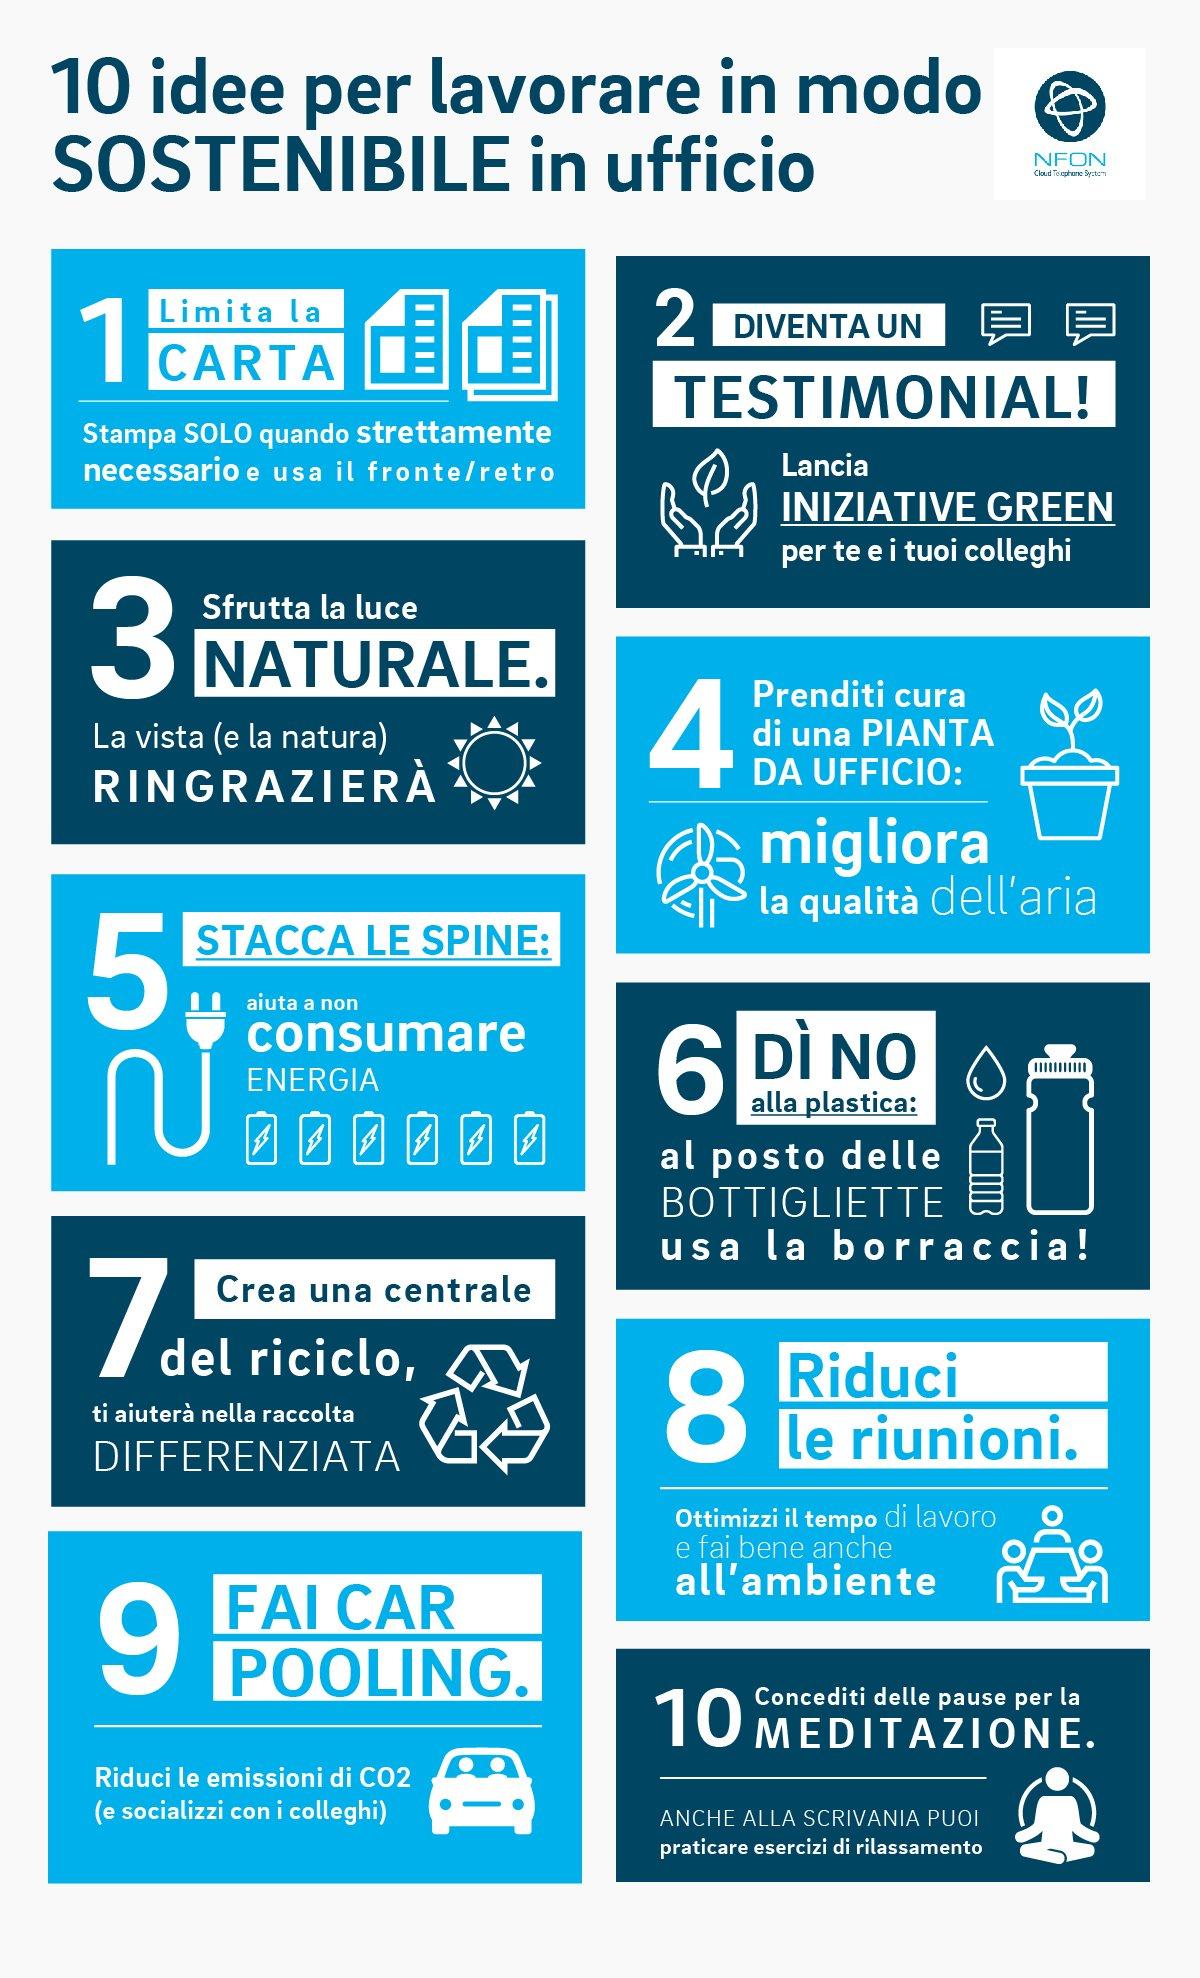 infografica decalogo dellufficio sostenibile